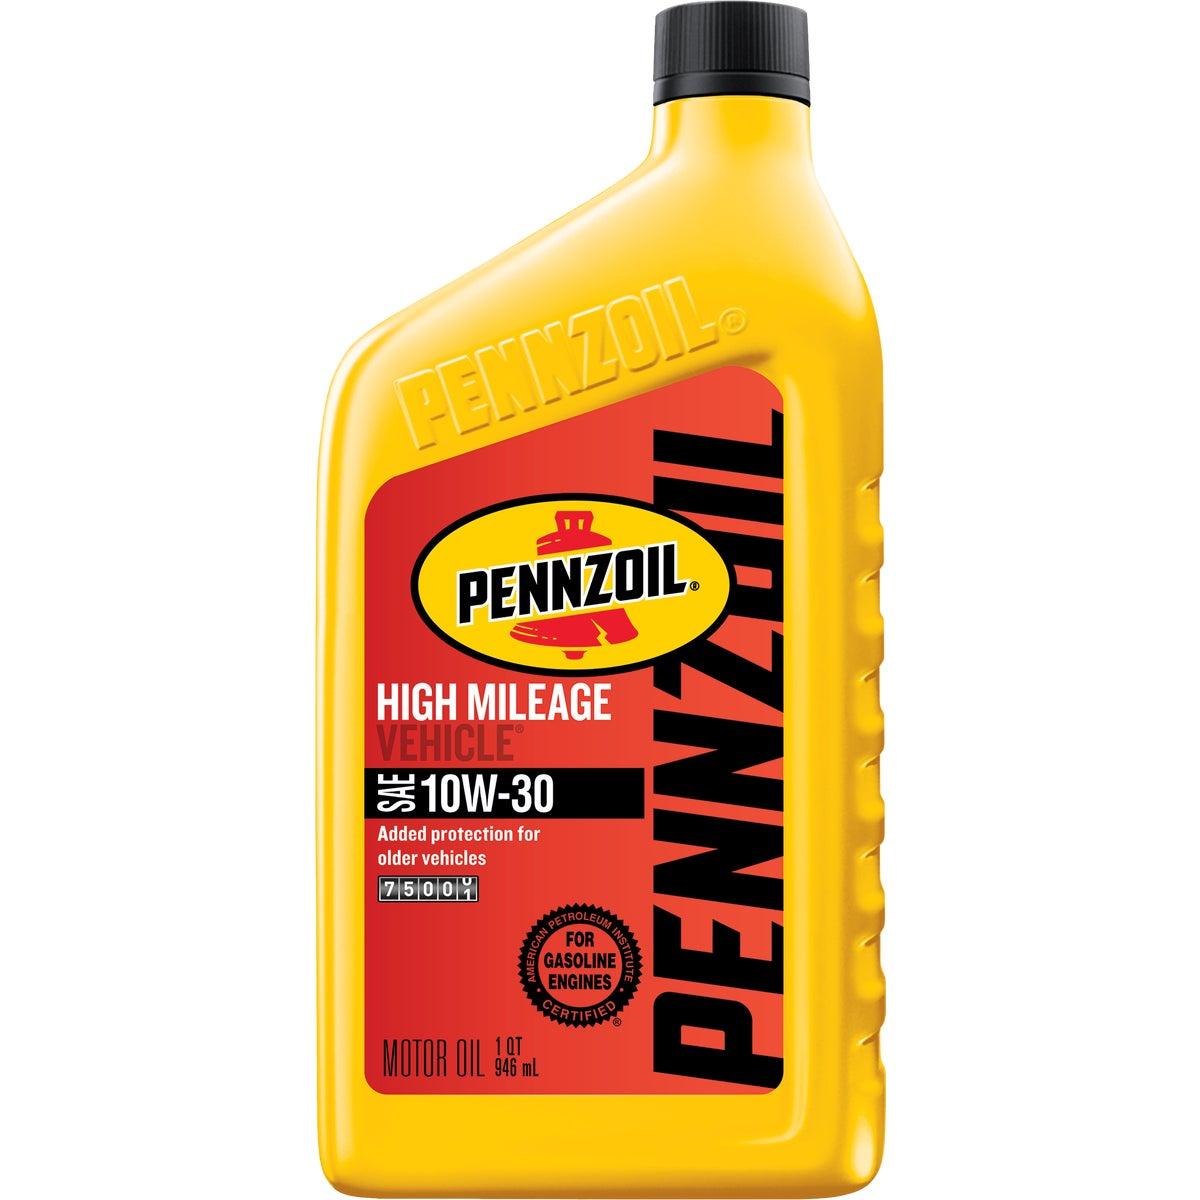 10W30 PENNZOIL MOTOR OIL